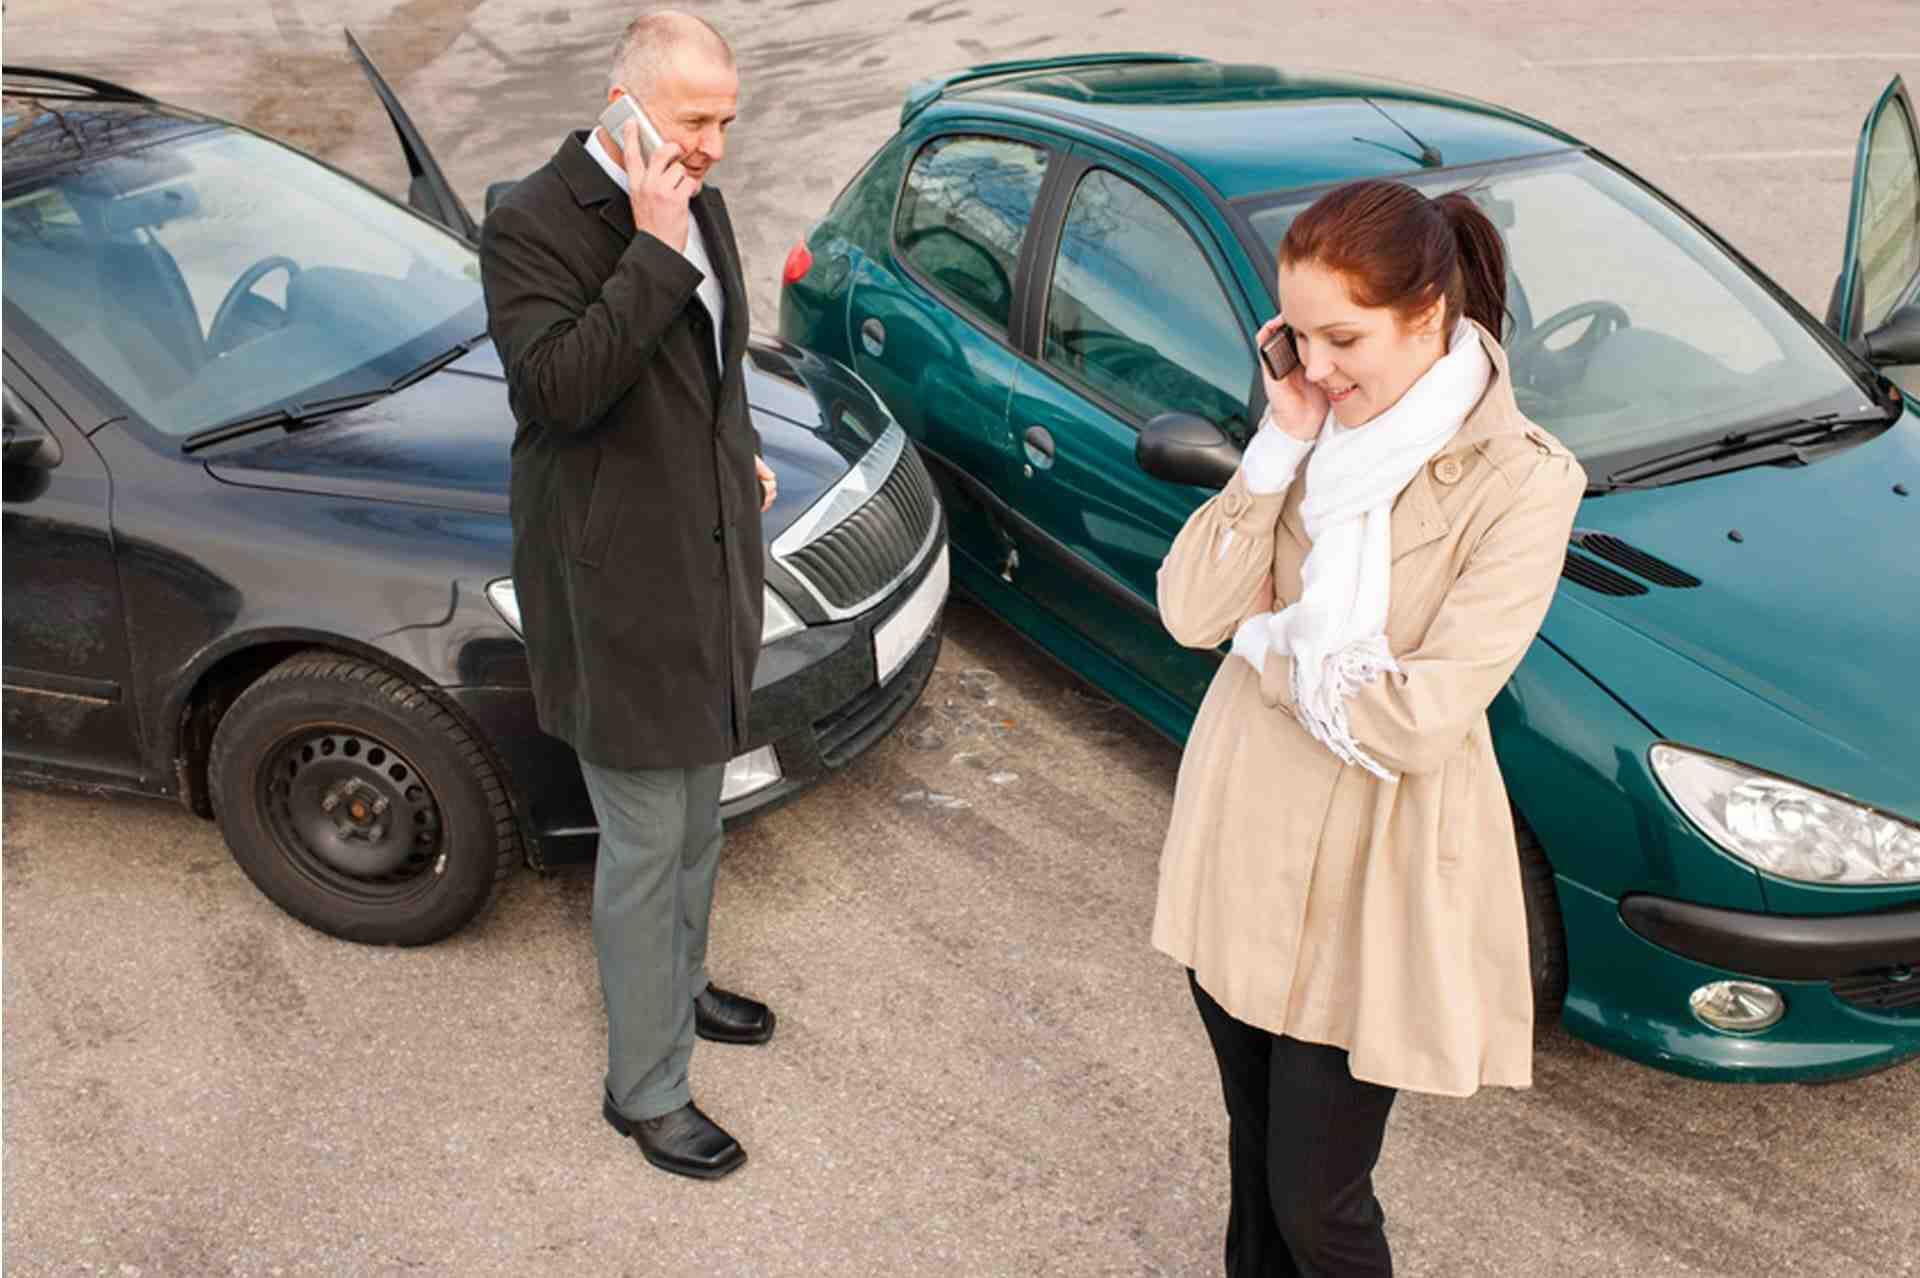 Comment assurer la voiture que vous venez d'acheter?